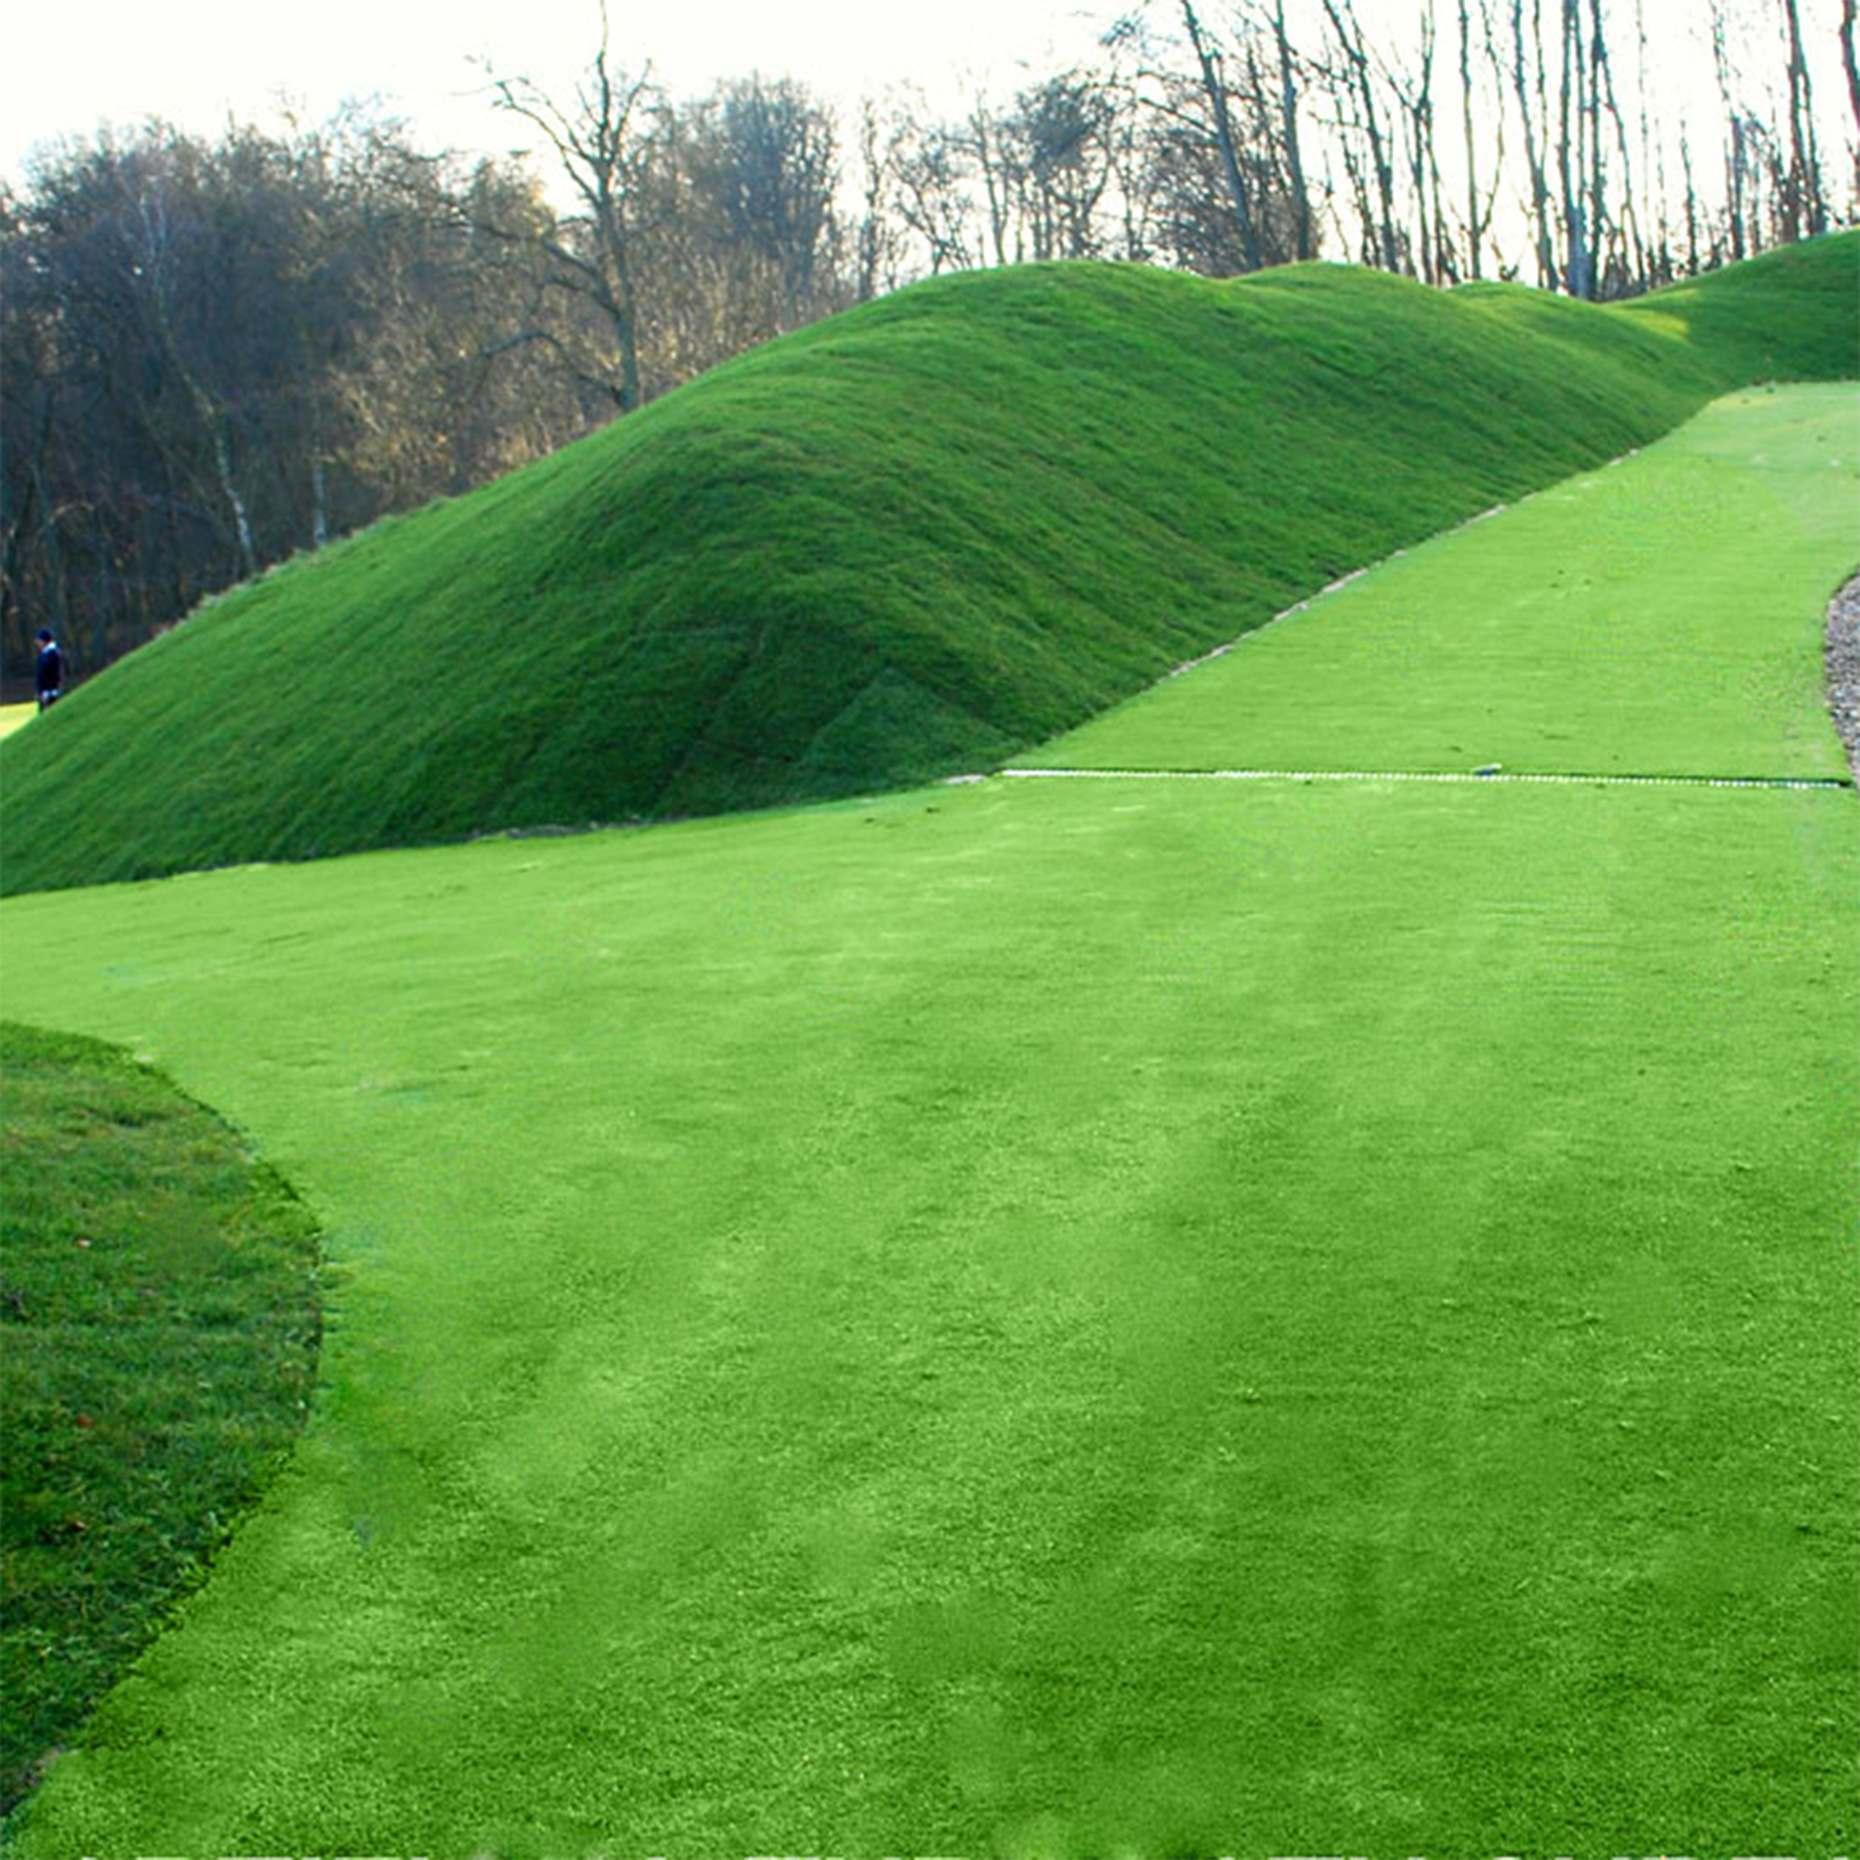 Artificial Grass Golf Walkway Golf Course Grass Net